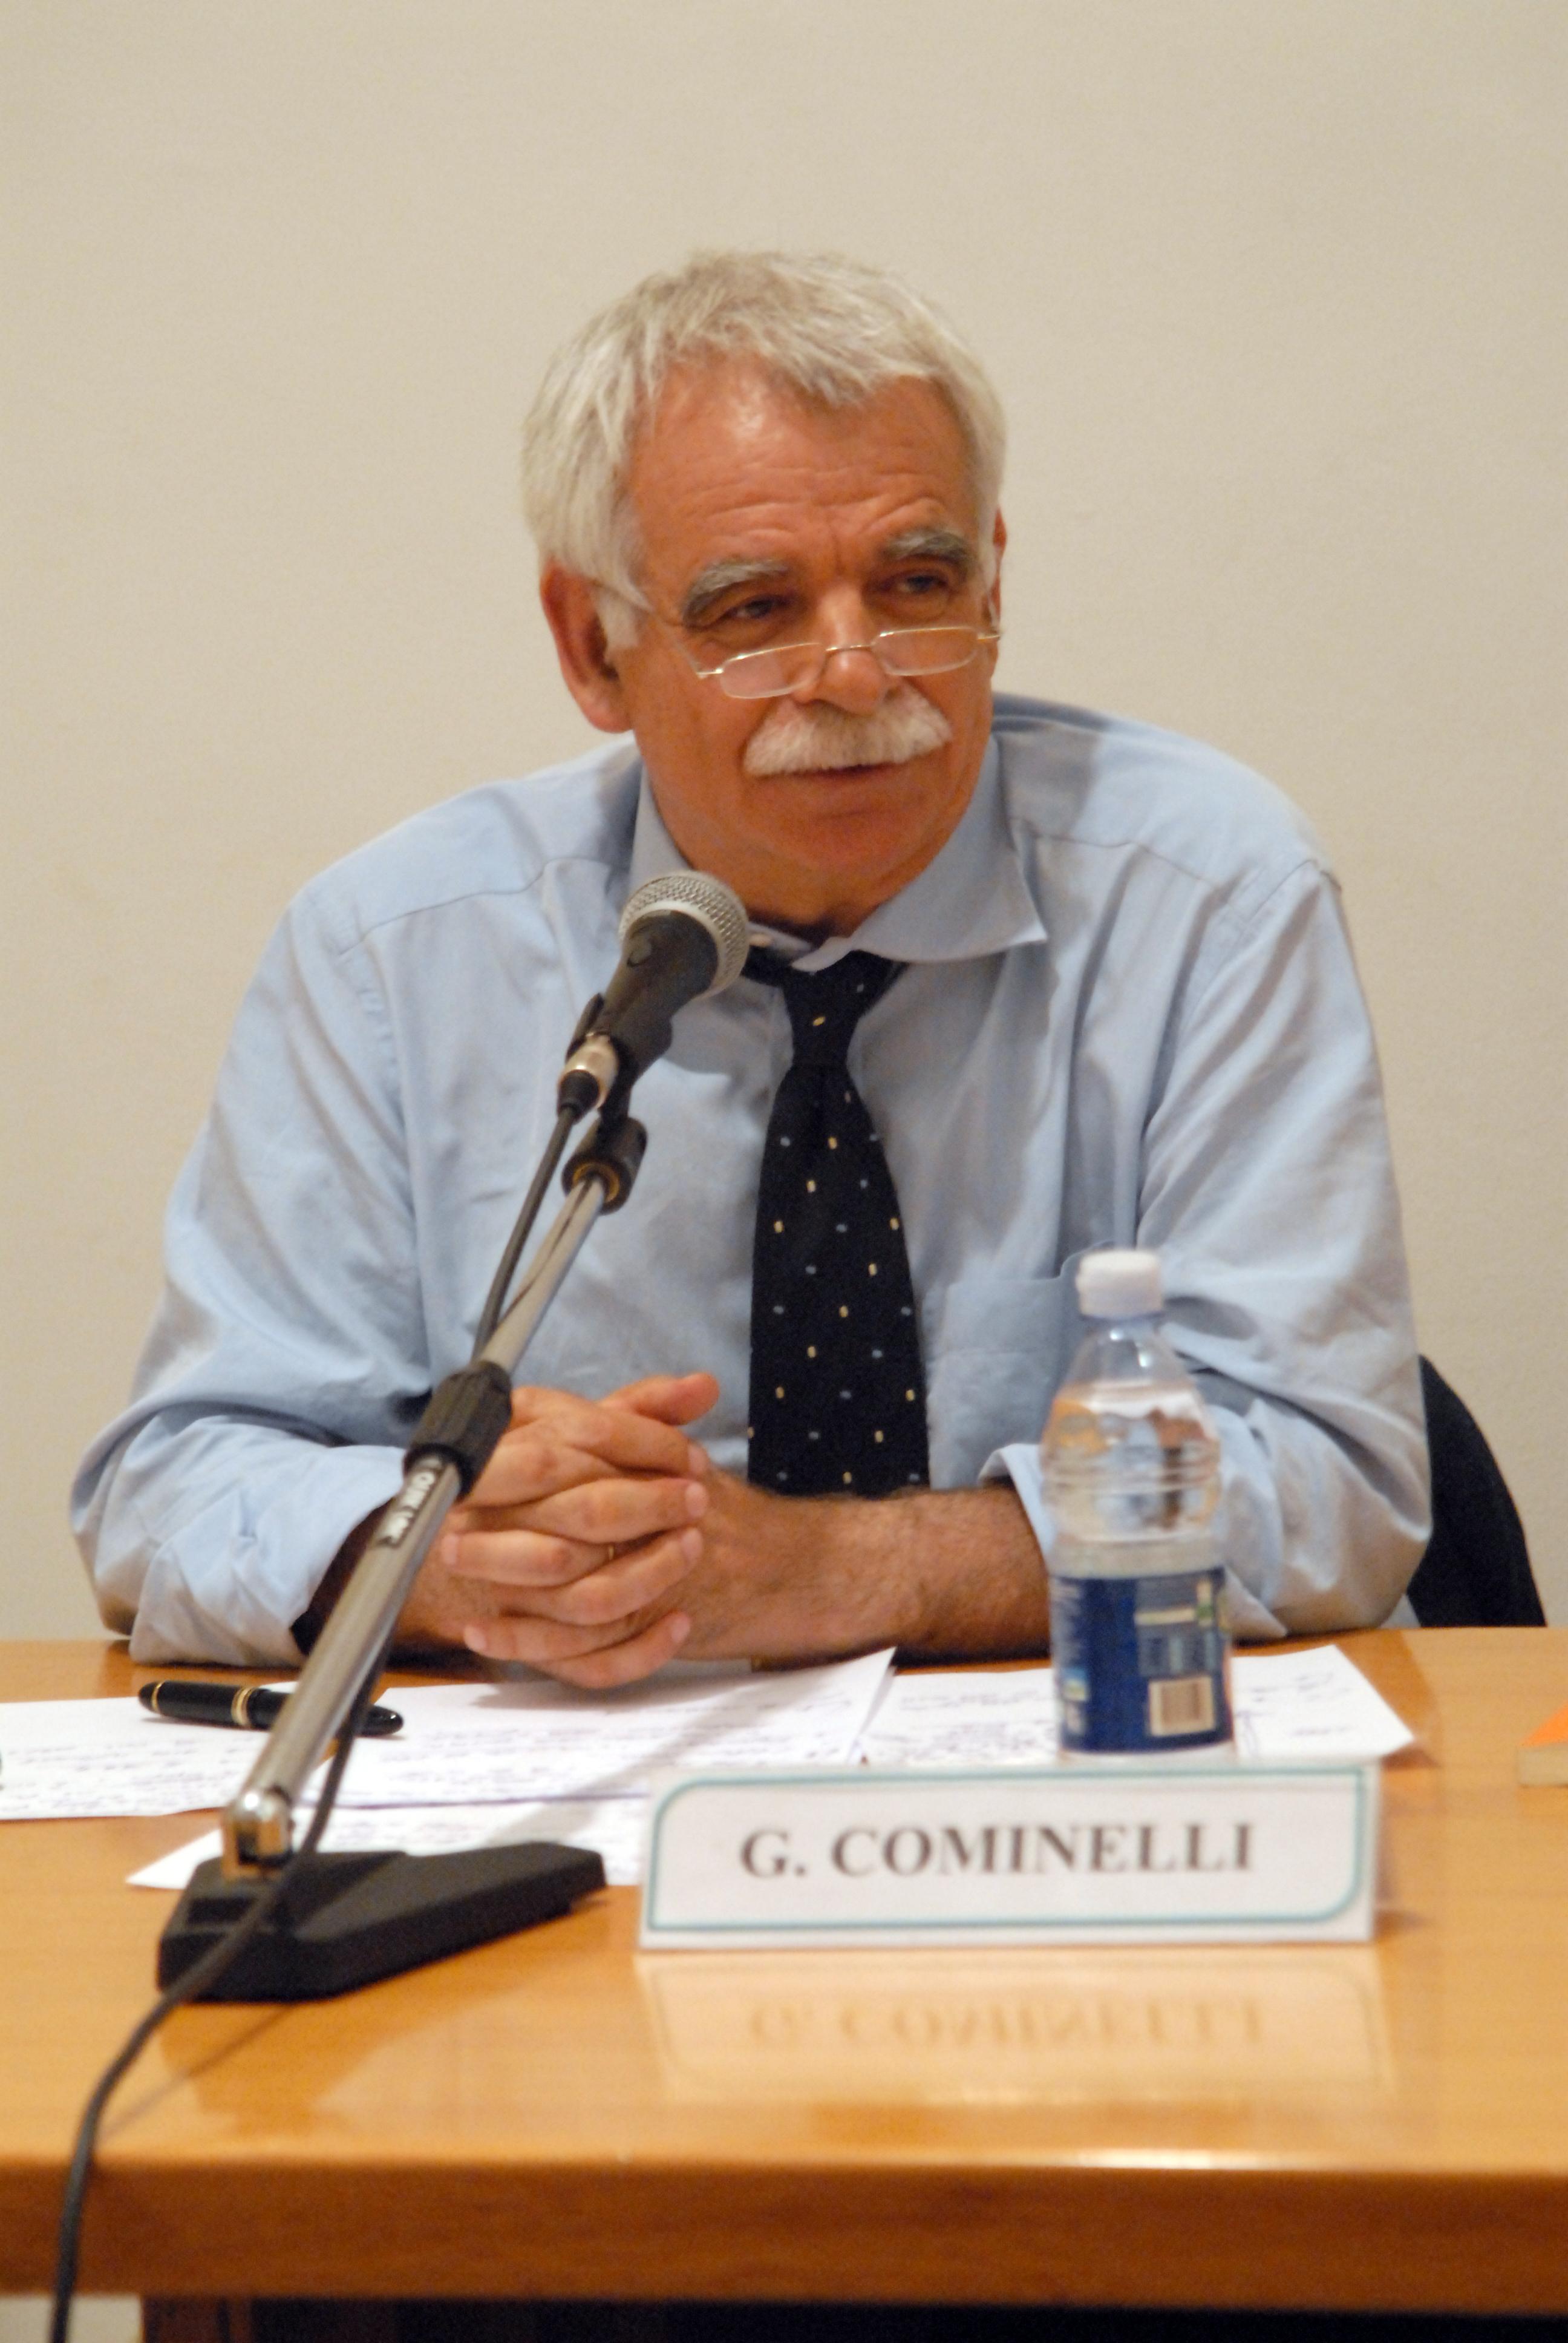 080618Cominelli